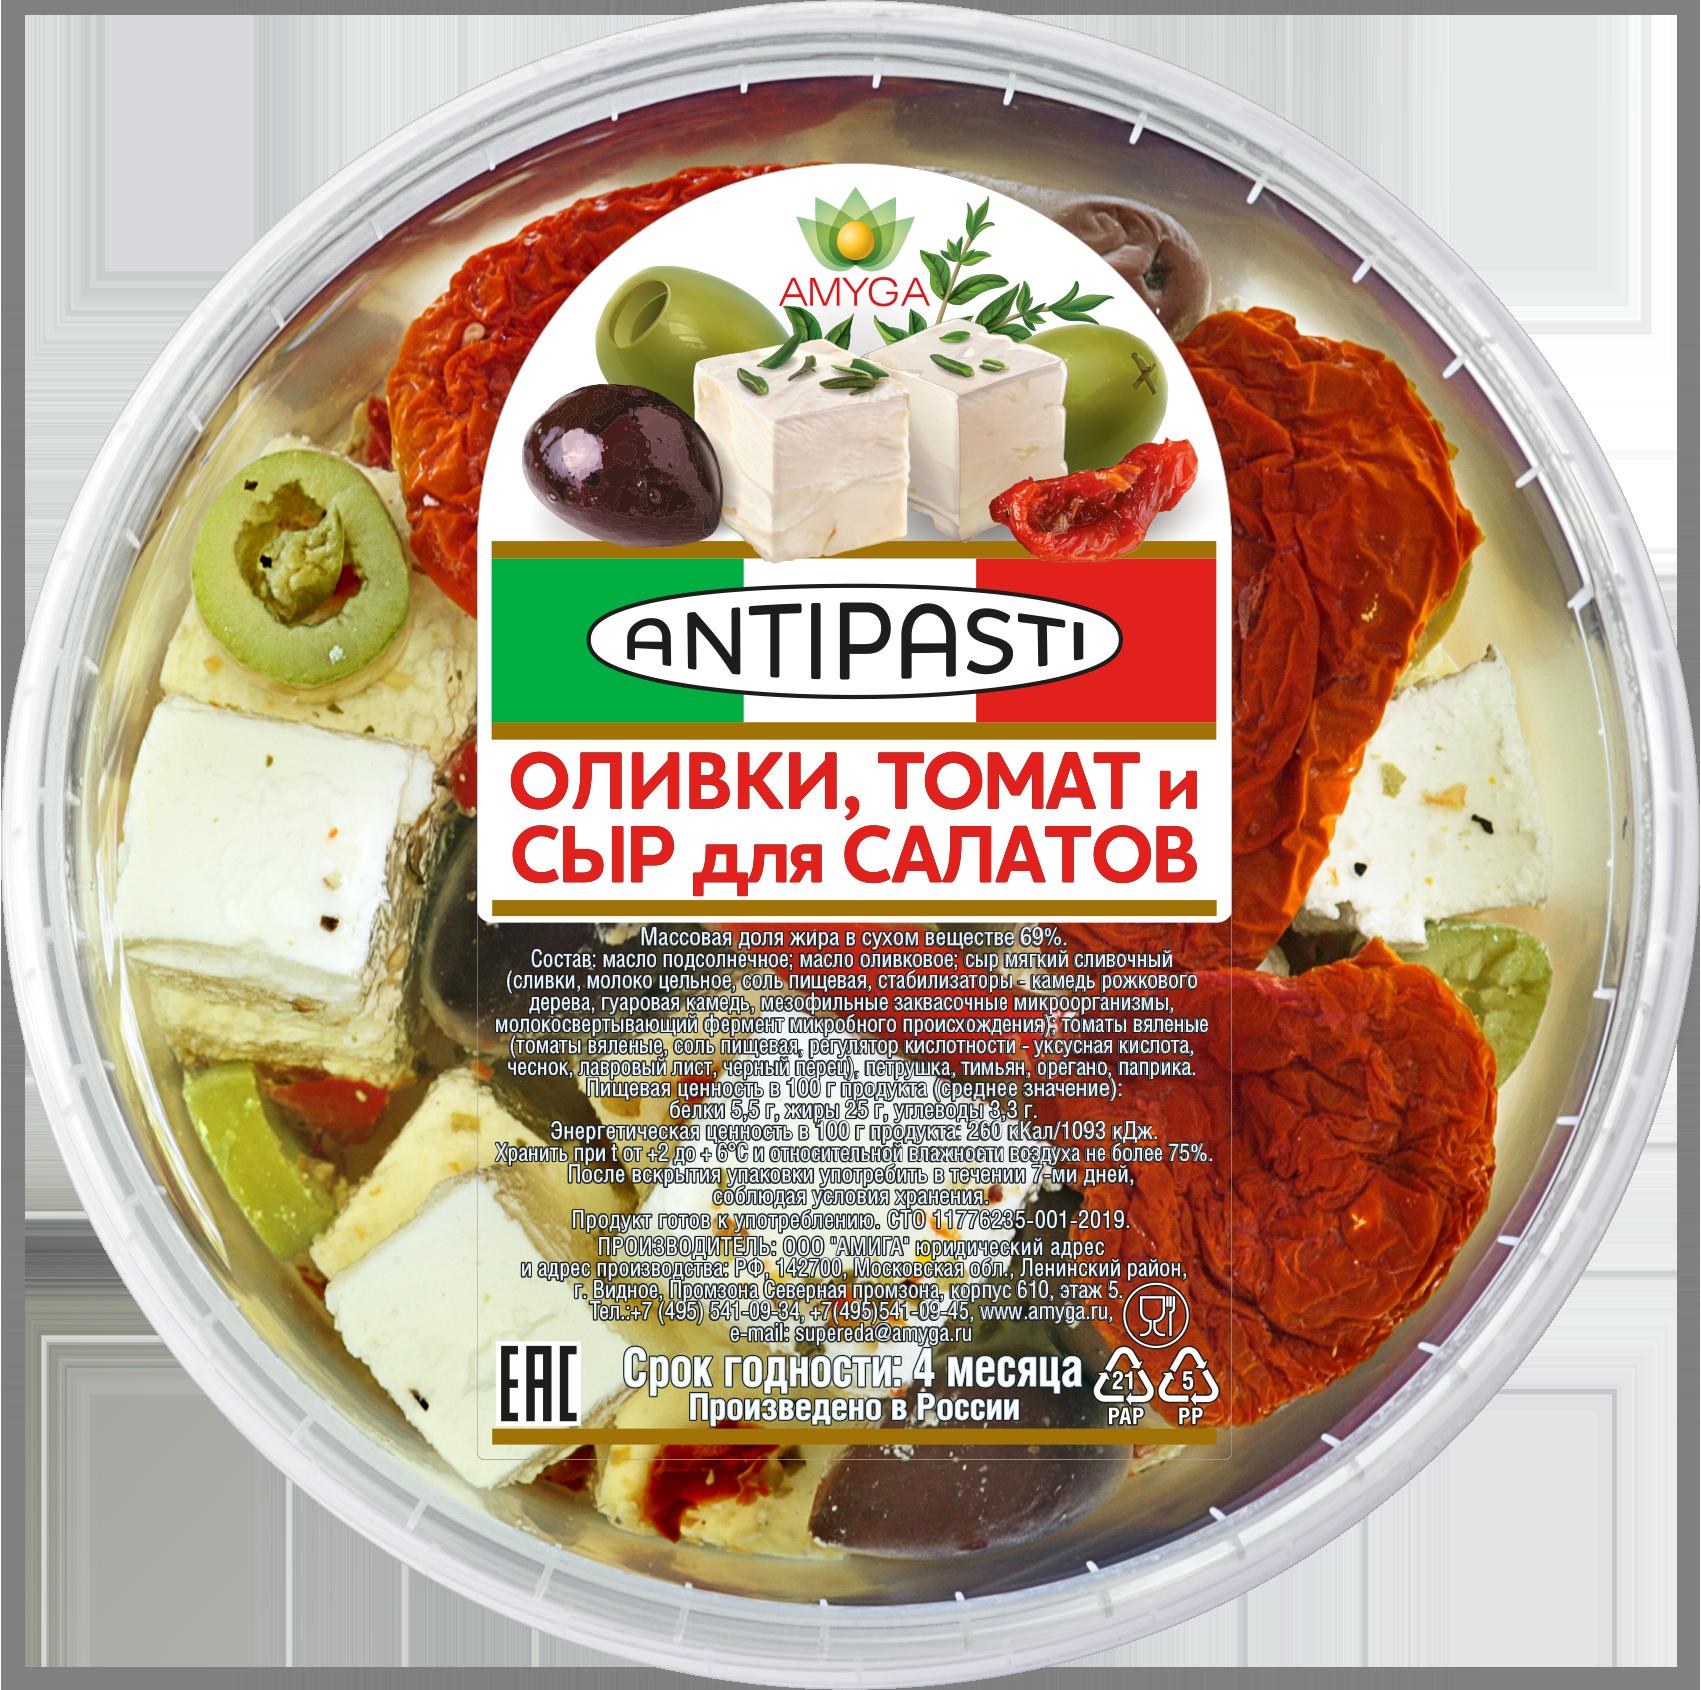 Оливки, томат и сыр для салатов